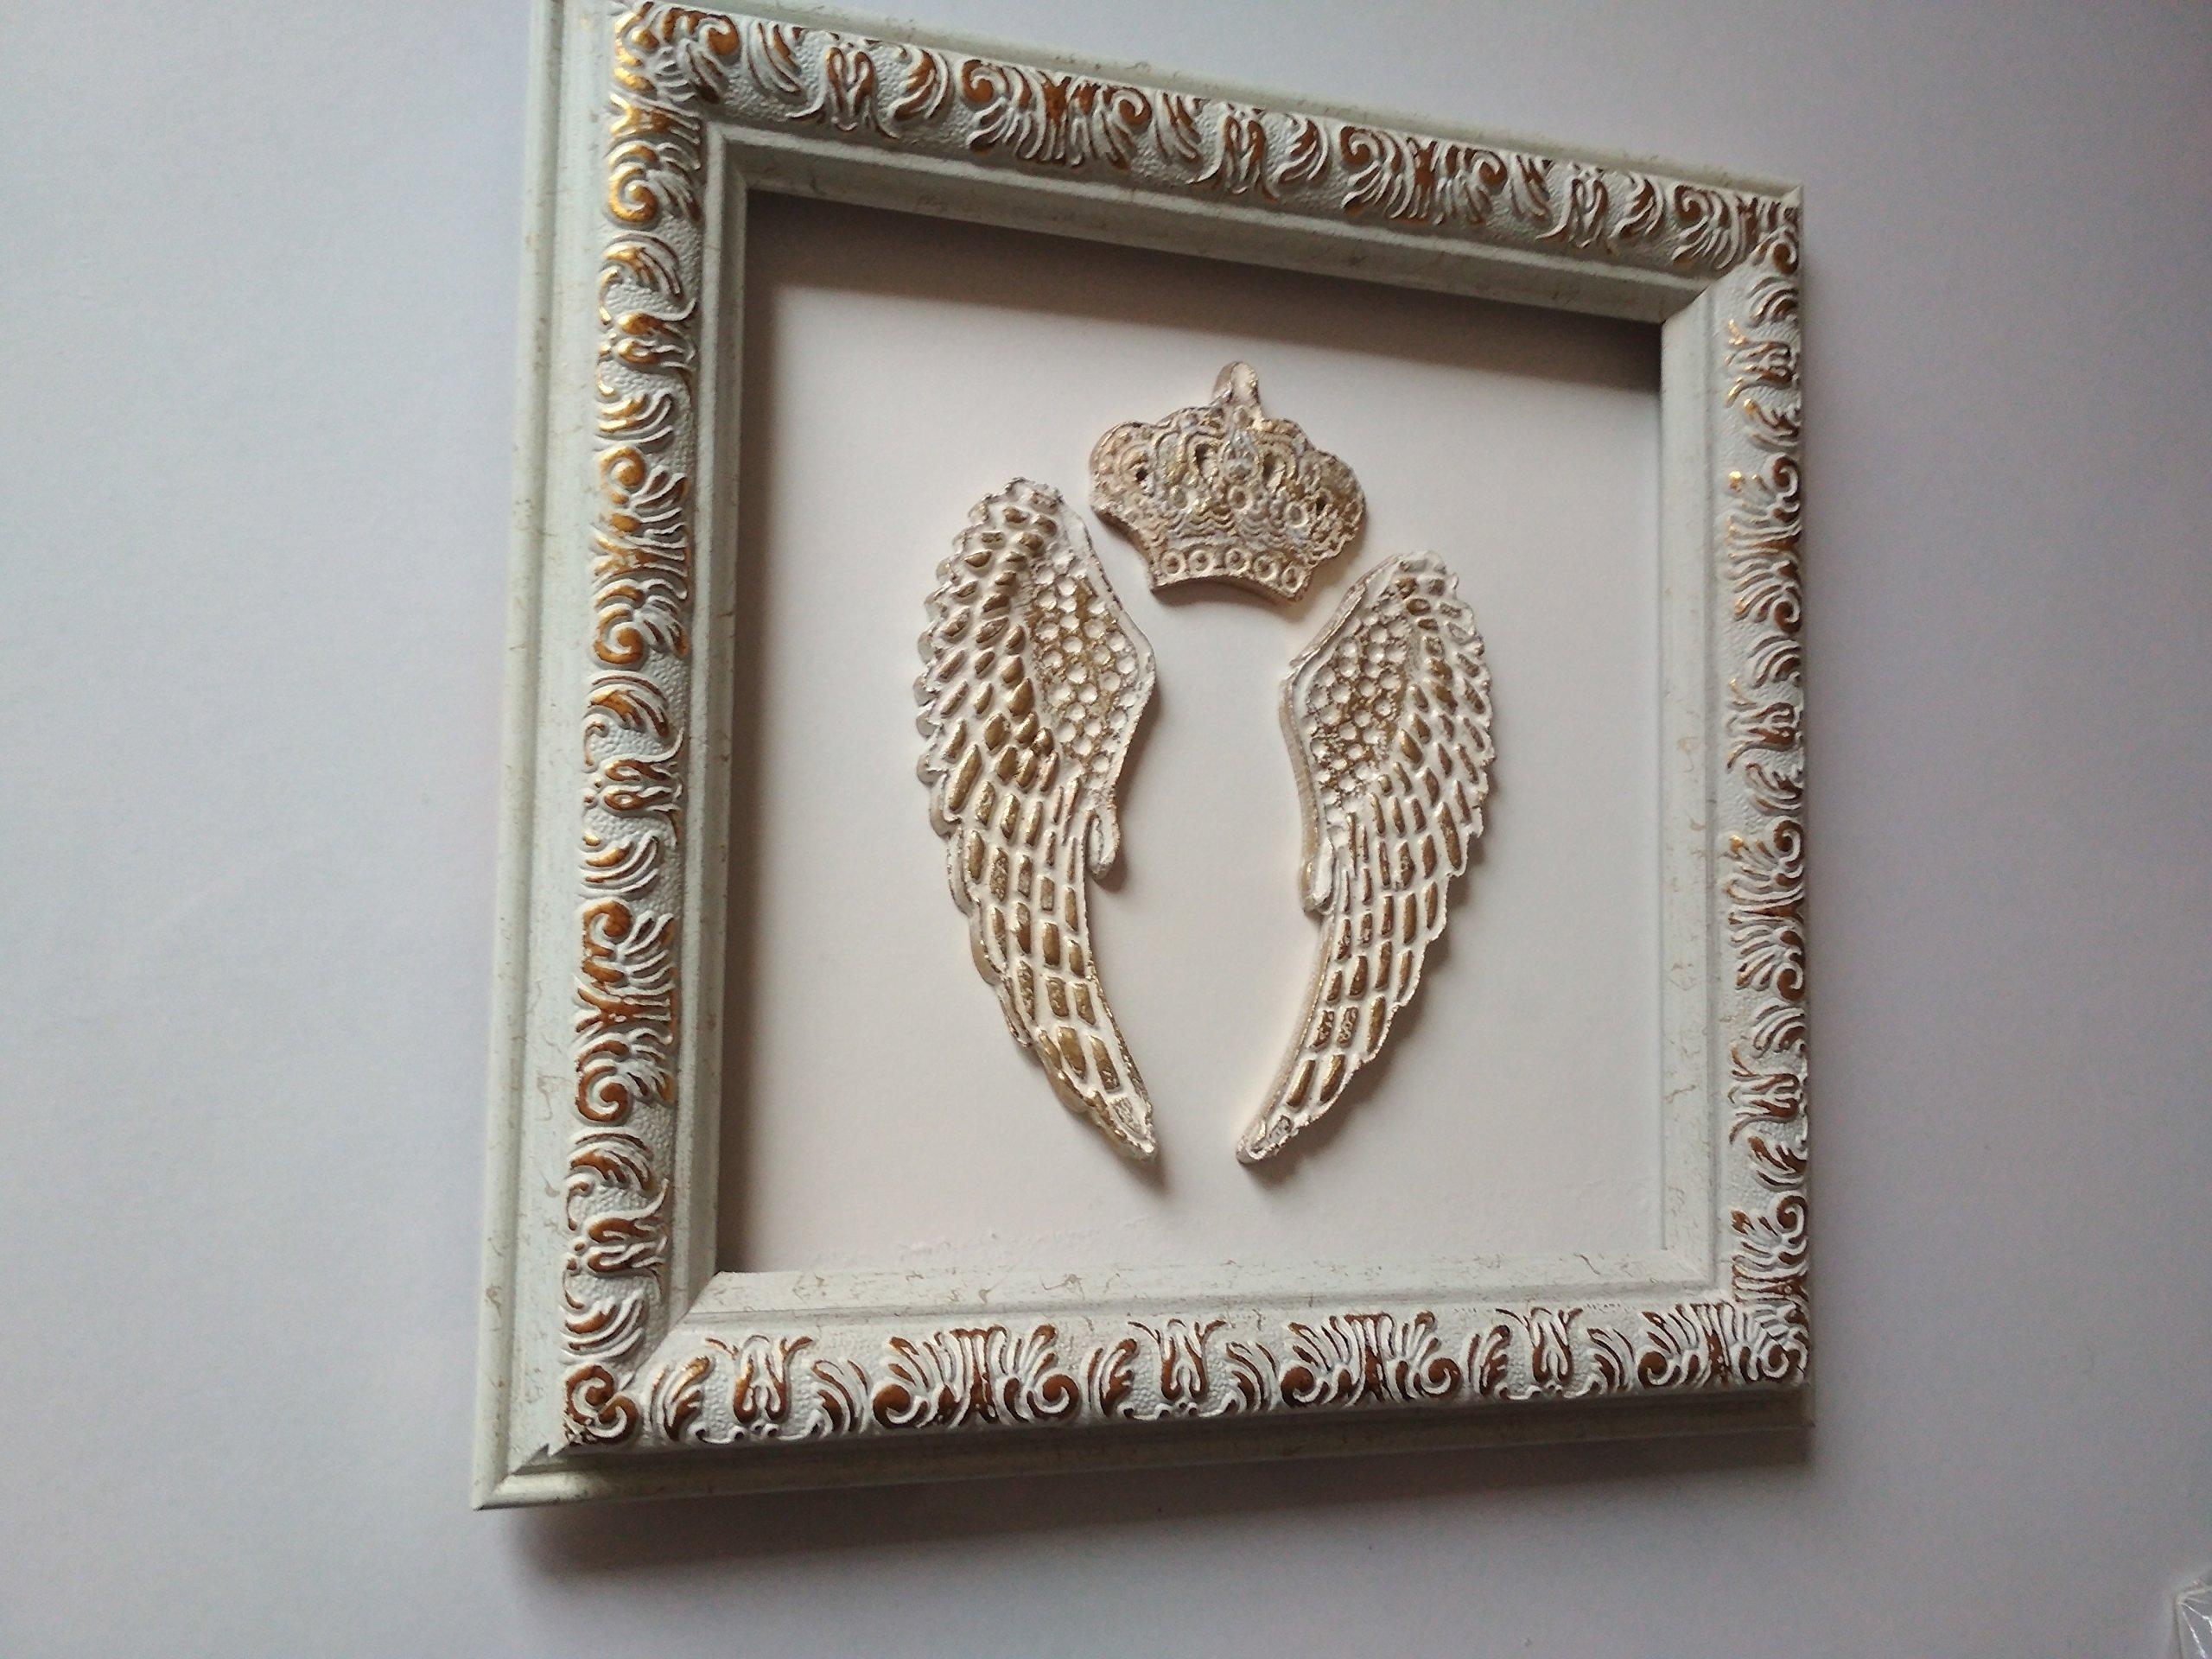 Angel wings wall decor (7.87x7.87)in